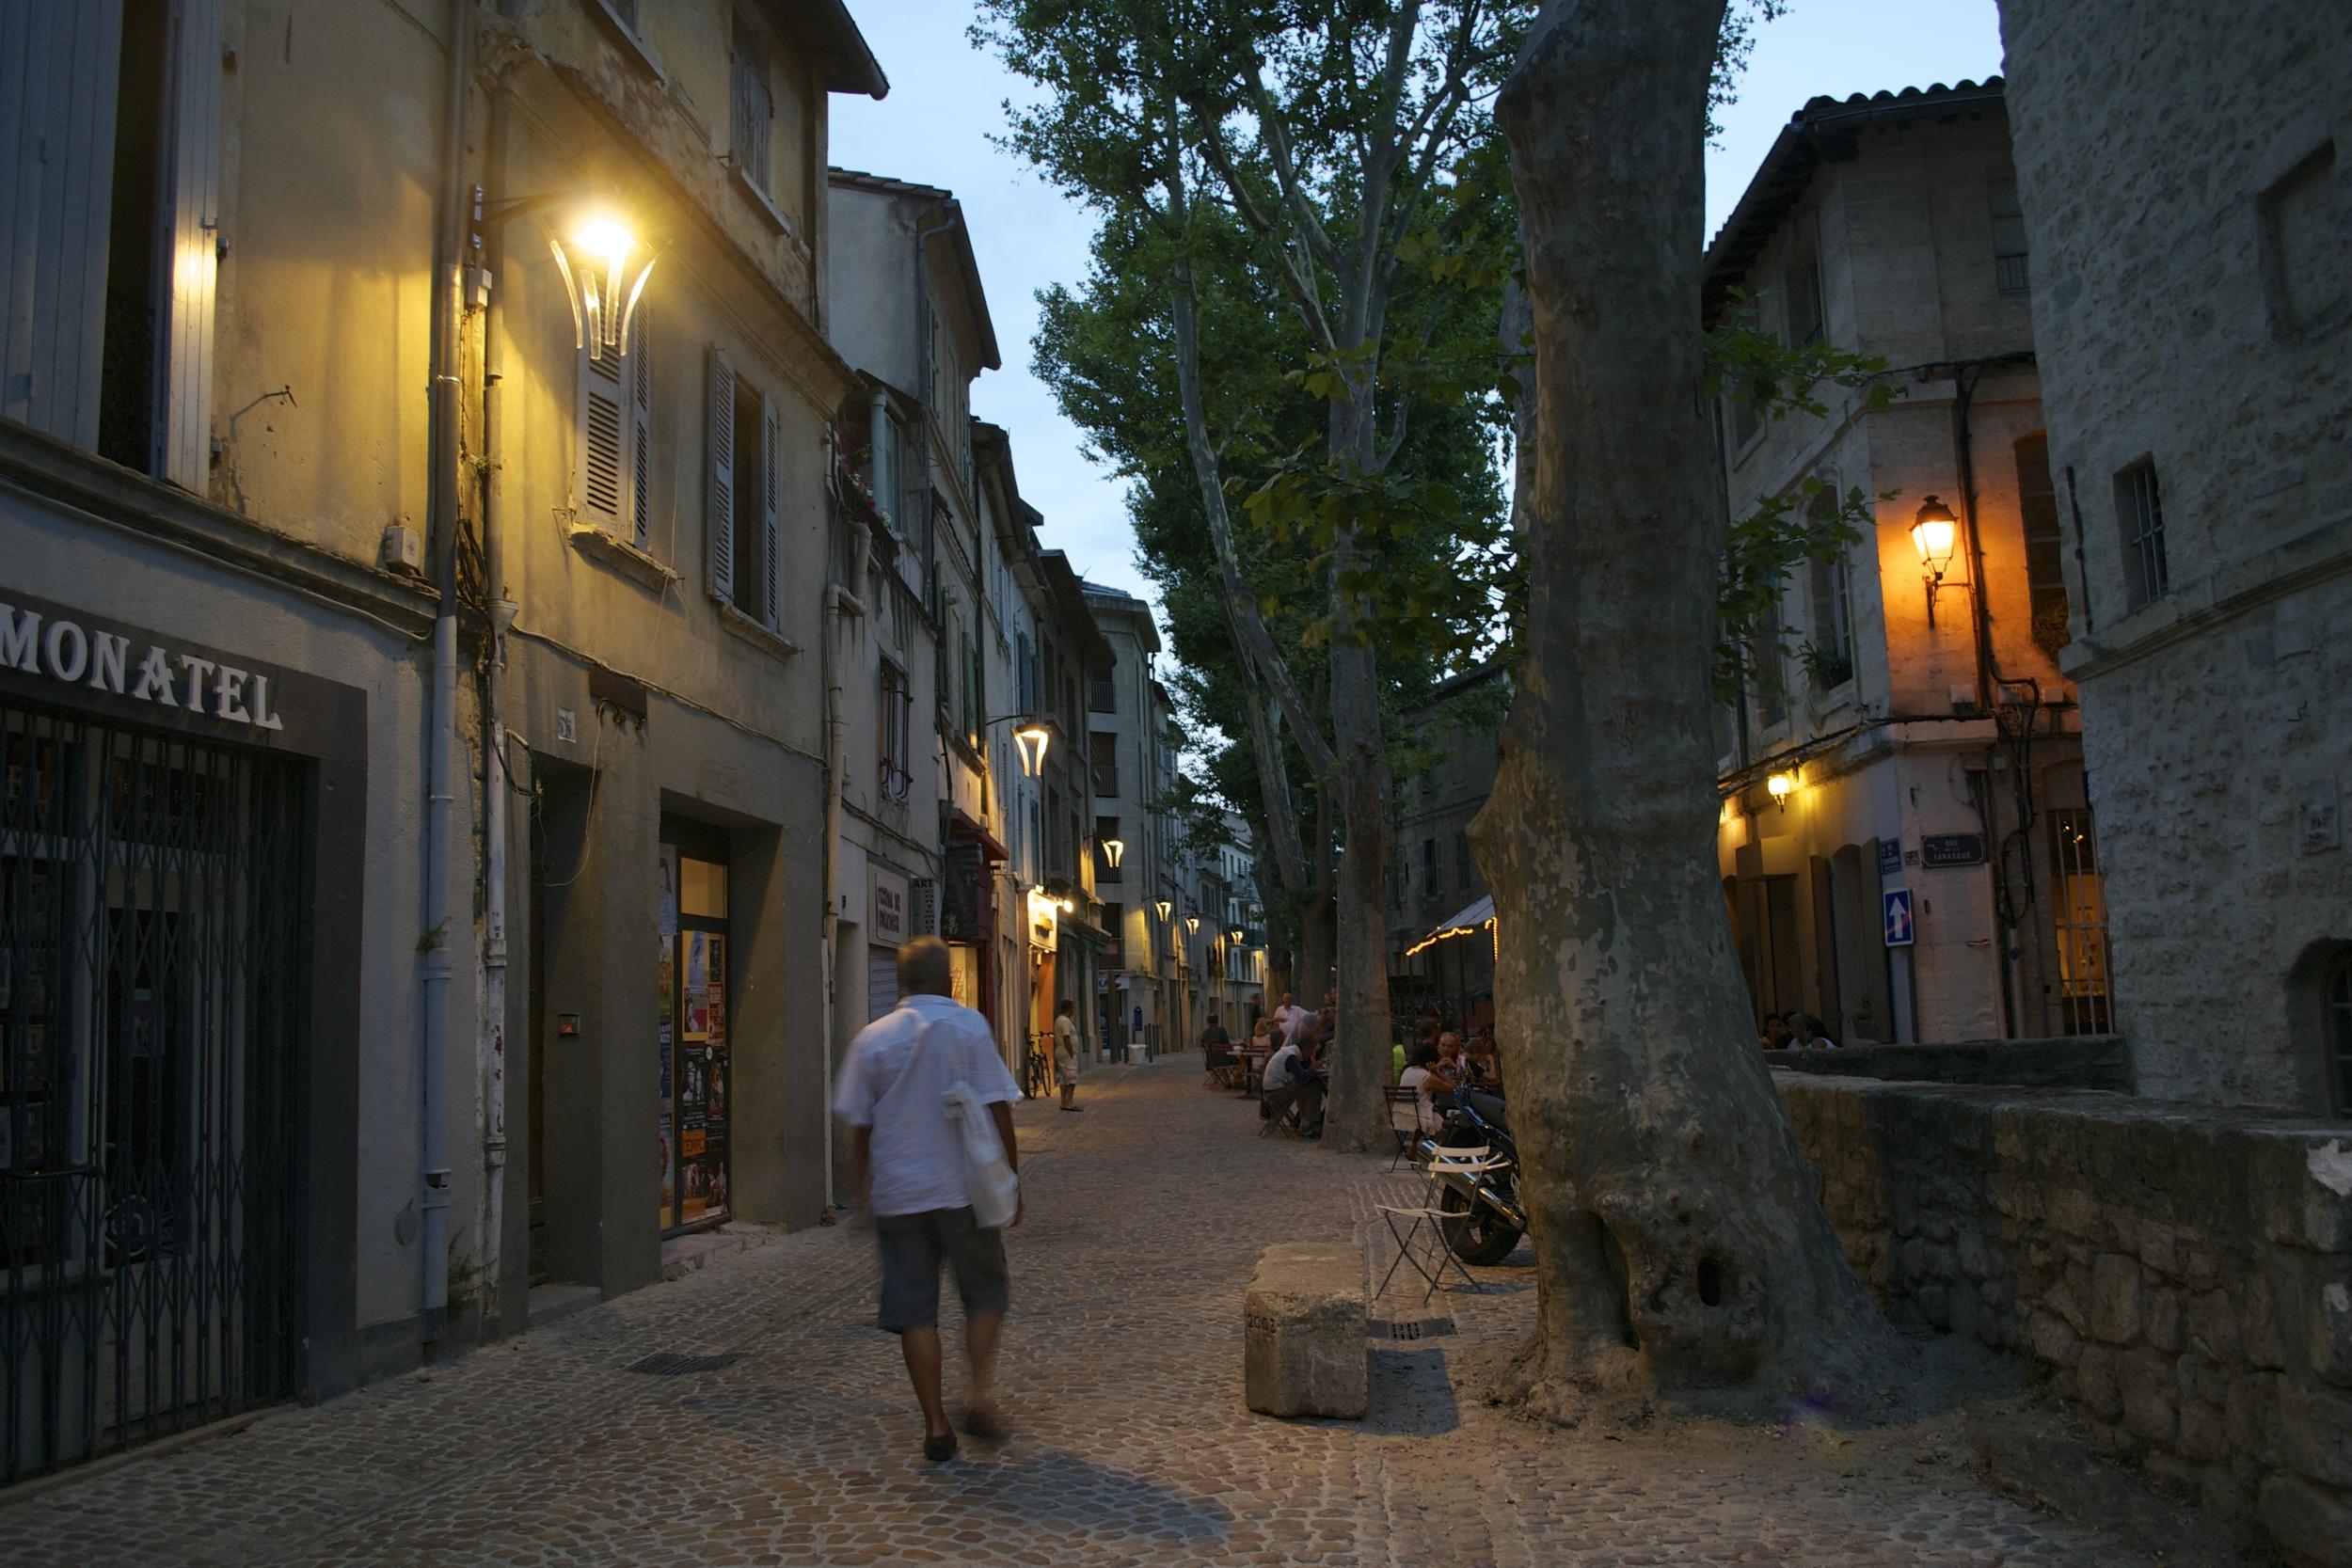 Strolling downRue des Teinturiers at night.